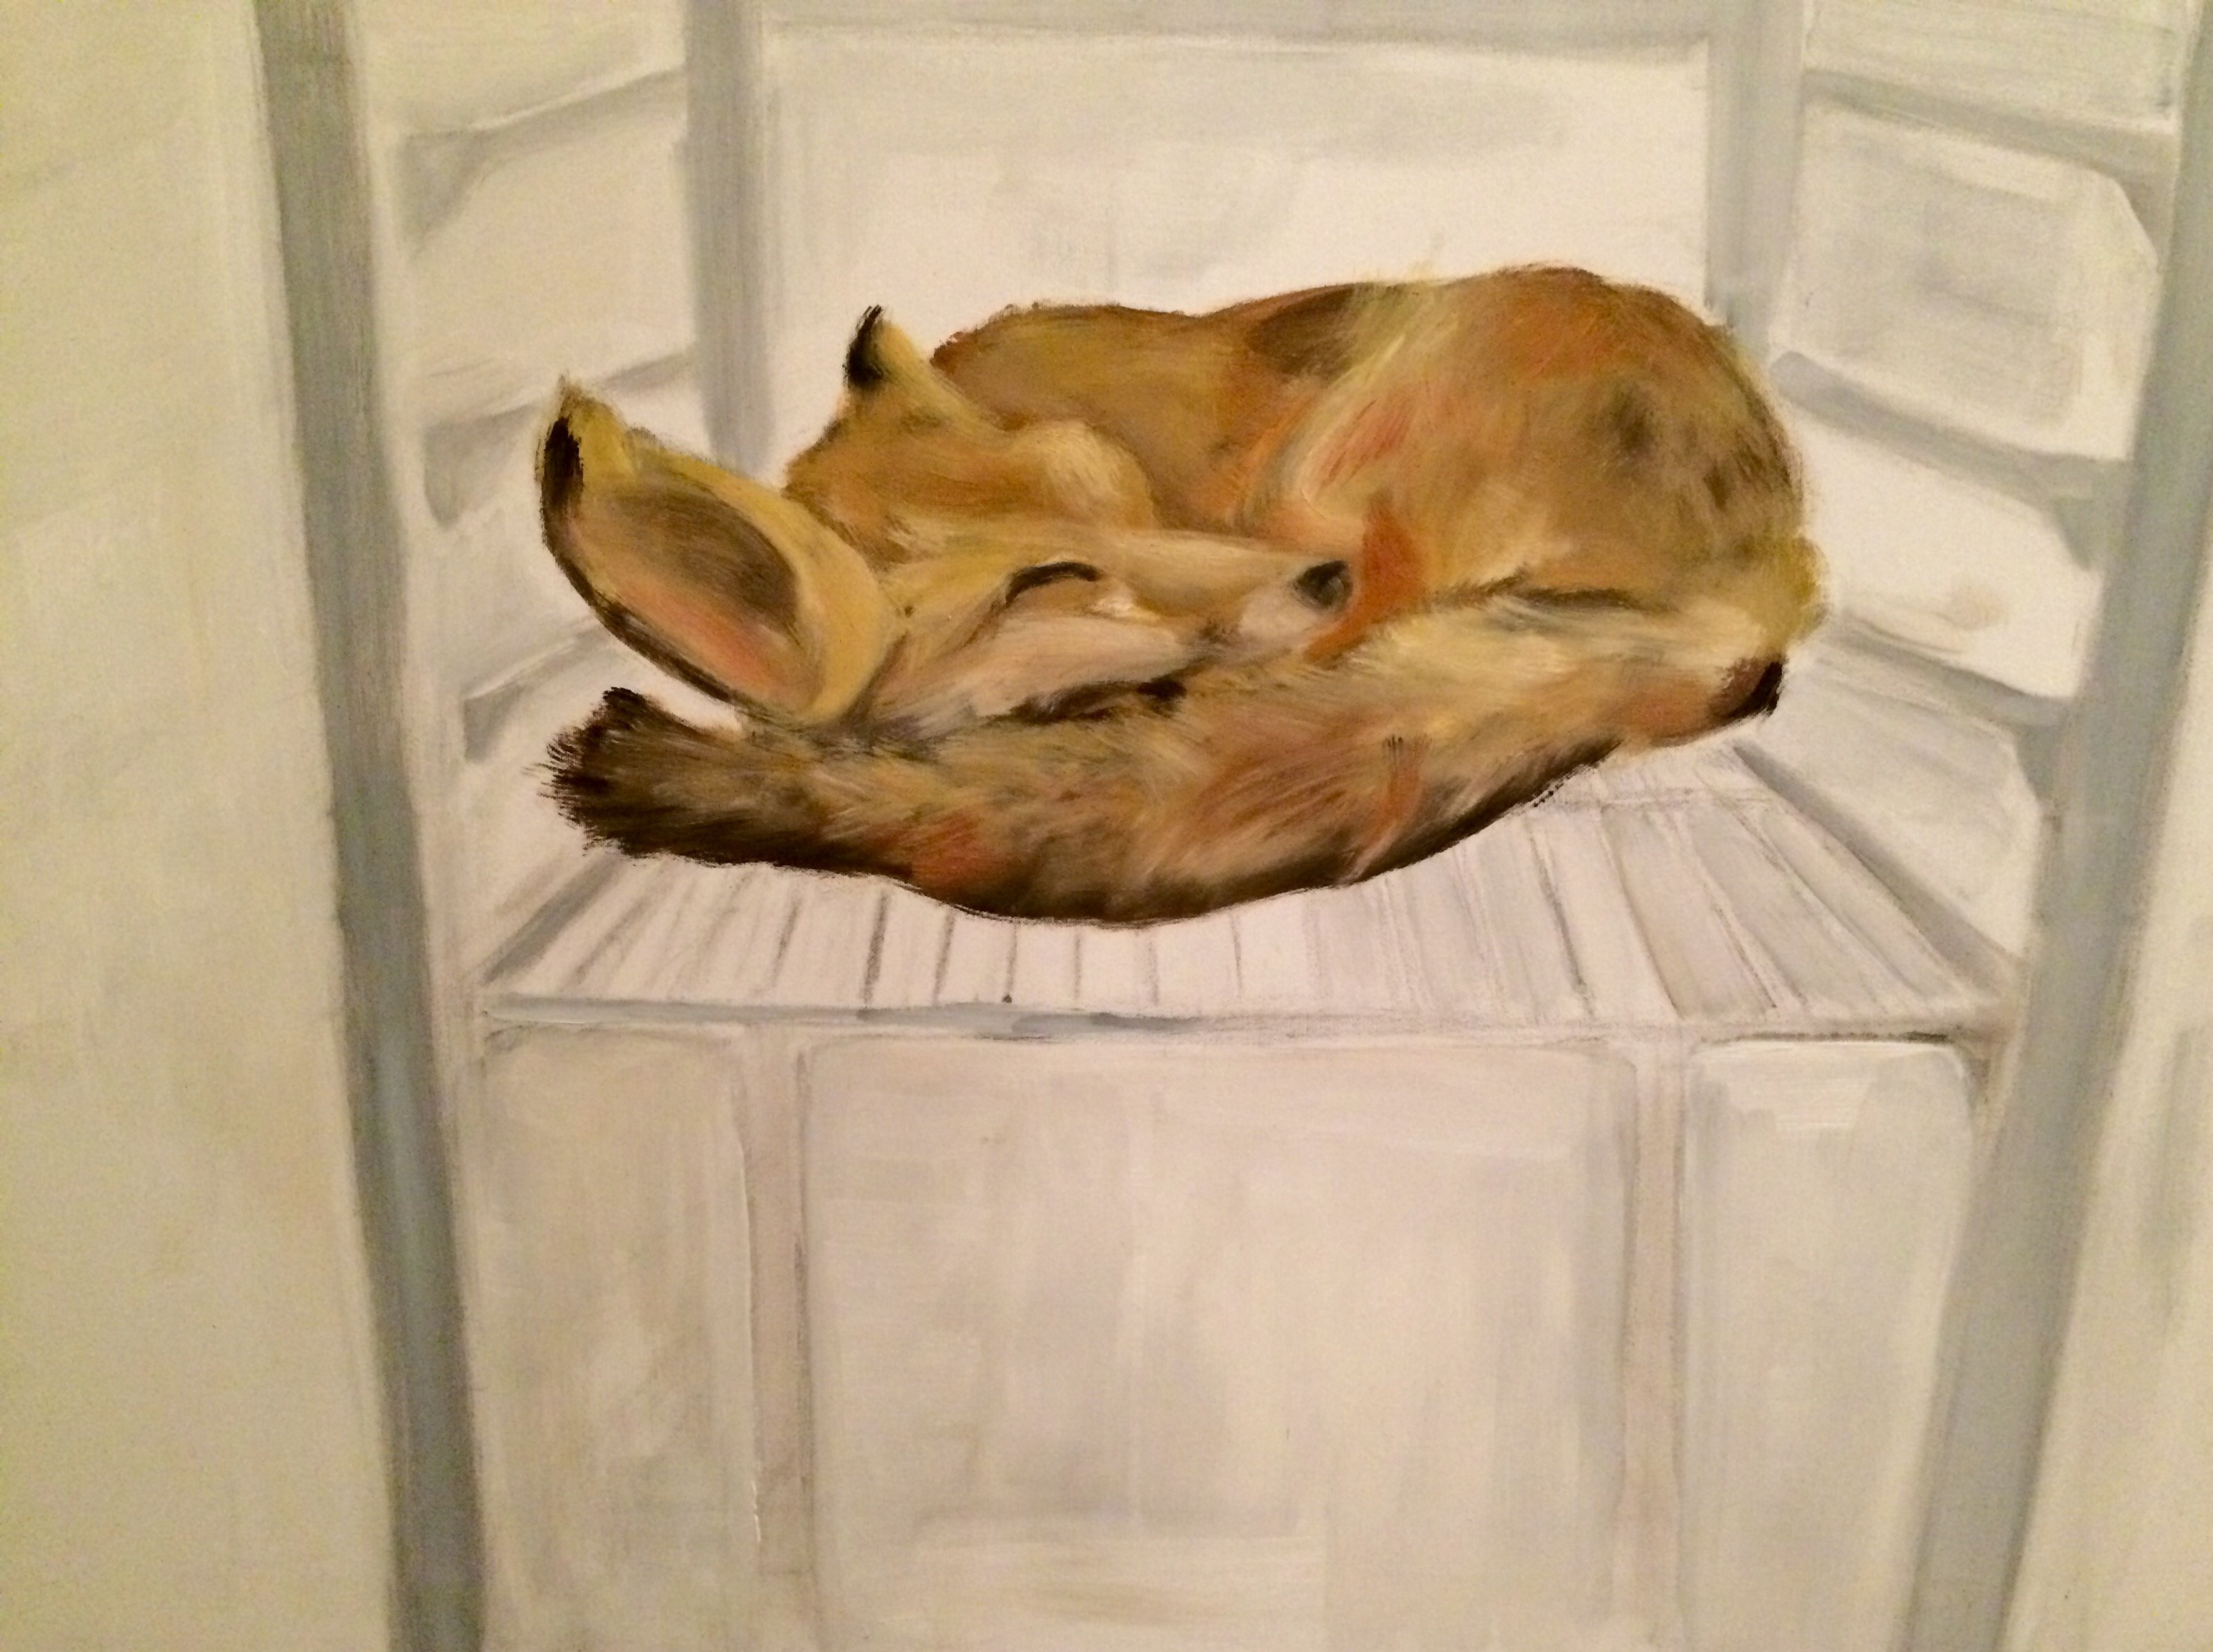 Stilleven, vosje in koelkast, olieverf schilderij